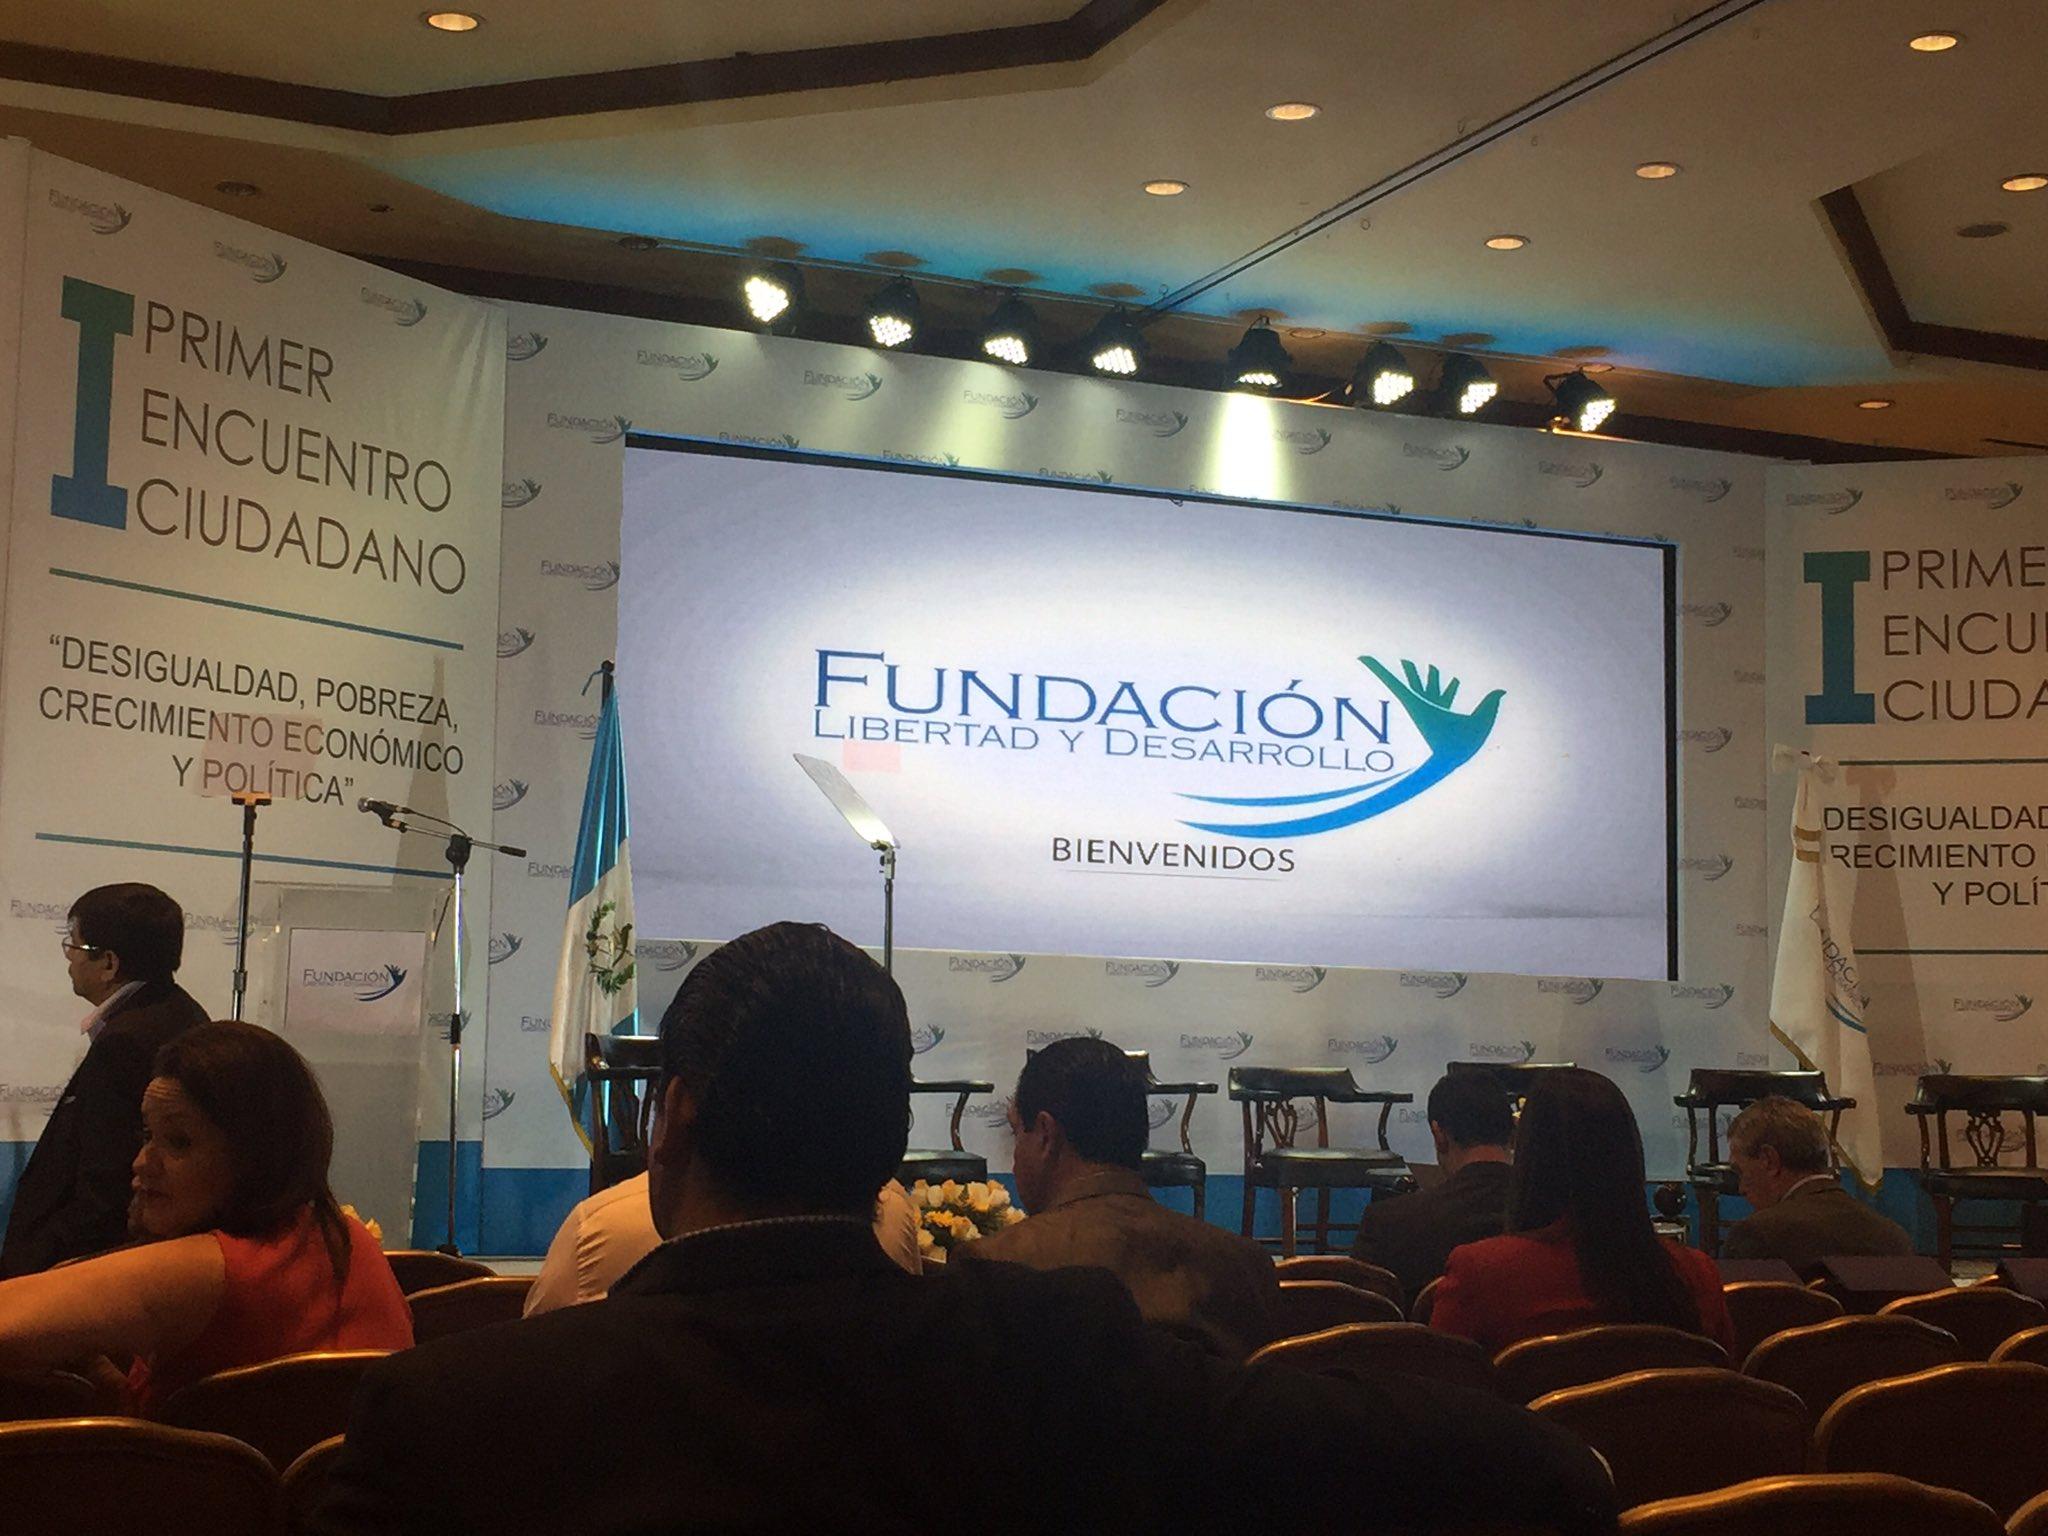 En el I Encuentro Ciudadano de la Fundación Libertad y Desarrollo #EncuentroFLD https://t.co/UzEWywZYNa